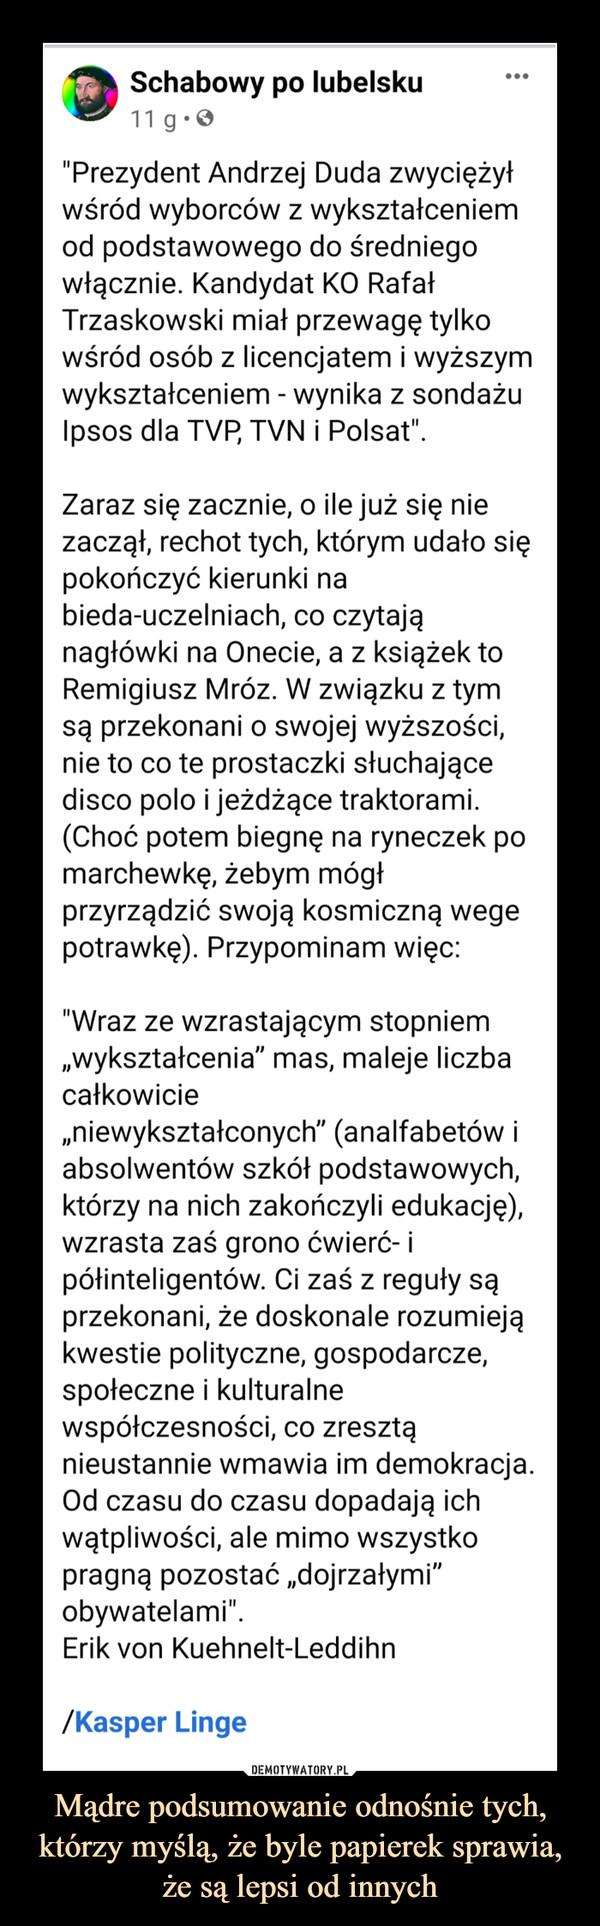 """Mądre podsumowanie odnośnie tych, którzy myślą, że byle papierek sprawia, że są lepsi od innych –  Schabowy po lubelsku11 g• O•..""""Prezydent Andrzej Duda zwyciężyłwśród wyborców z wykształceniemod podstawowego do średniegowłącznie. Kandydat KO RafałTrzaskowski miał przewagę tylkowśród osób z licencjatem i wyższymwykształceniem - wynika z sondażuIpsos dla TVP, TVN i Polsat"""".Zaraz się zacznie, o ile już się niezaczął, rechot tych, którym udało siępokończyć kierunki nabieda-uczelniach, co czytająnagłówki na Onecie, a z książek toRemigiusz Mróz. W związku z tymsą przekonani o swojej wyższości,nie to co te prostaczki słuchającedisco polo i jeżdżące traktorami.(Choć potem biegnę na ryneczek pomarchewkę, żebym mógłprzyrządzić swoją kosmiczną wegepotrawkę). Przypominam więc:""""Wraz ze wzrastającym stopniem""""wykształcenia"""" mas, maleje liczbacałkowicie""""niewykształconych"""" (analfabetów iabsolwentów szkół podstawowych,którzy na nich zakończyli edukację),wzrasta zaś grono ćwierć- ipółinteligentów. Ci zaś z reguły sąprzekonani, że doskonale rozumiejąkwestie polityczne, gospodarcze,społeczne i kulturalnewspółczesności, co zresztąnieustannie wmawia im demokracja.Od czasu do czasu dopadają ichwątpliwości, ale mimo wszystkopragną pozostać """"dojrzałymi""""obywatelami"""".Erik von Kuehnelt-Leddihn/Kasper Linge"""